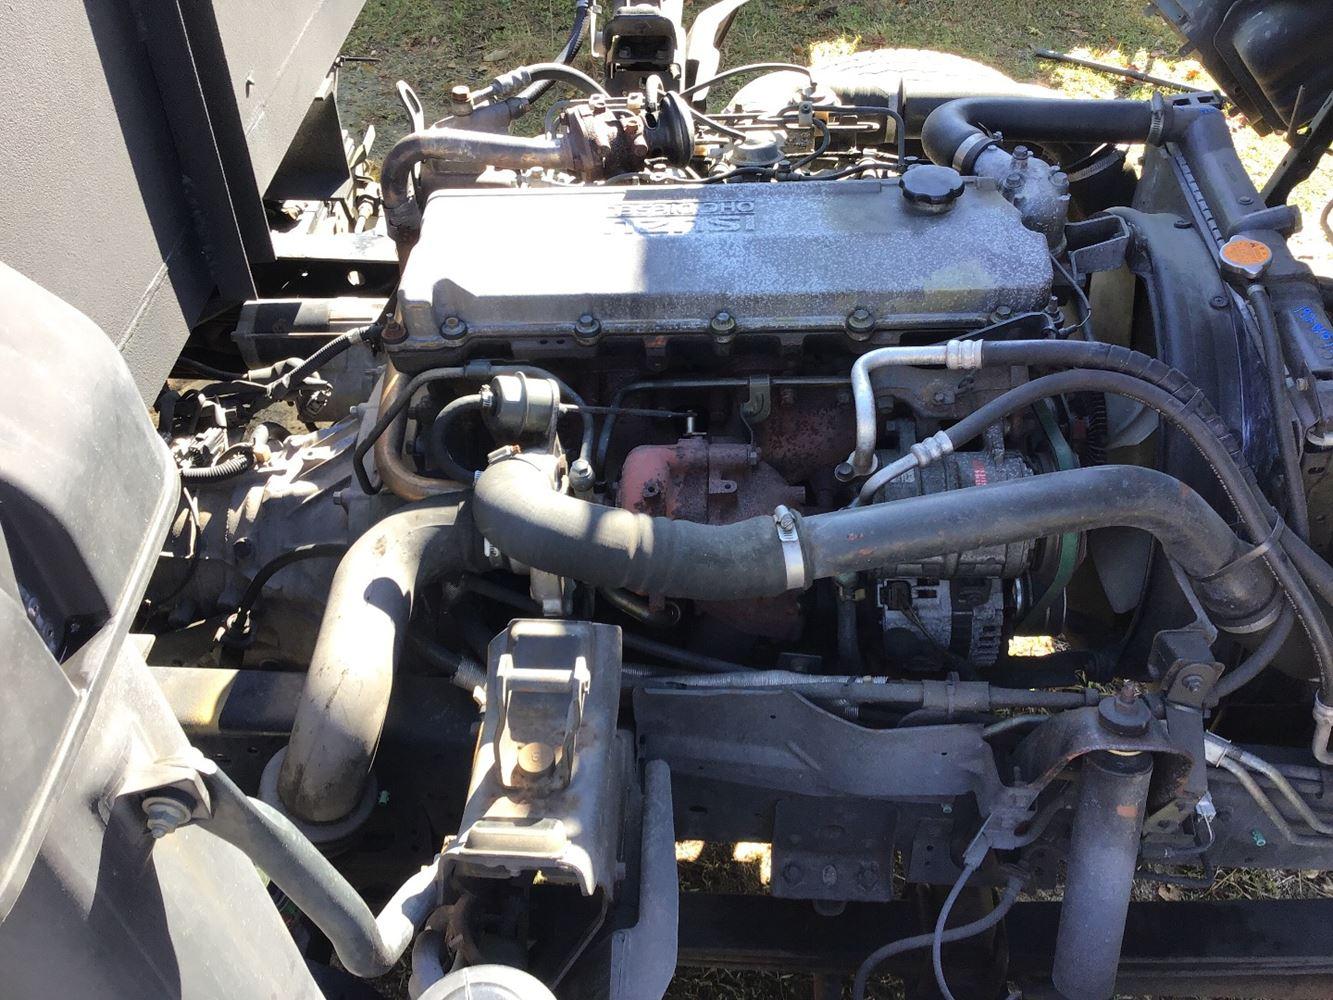 2004 Isuzu 4HE1-XS (Stock #192-010577-1) | BUSBEE AUTO